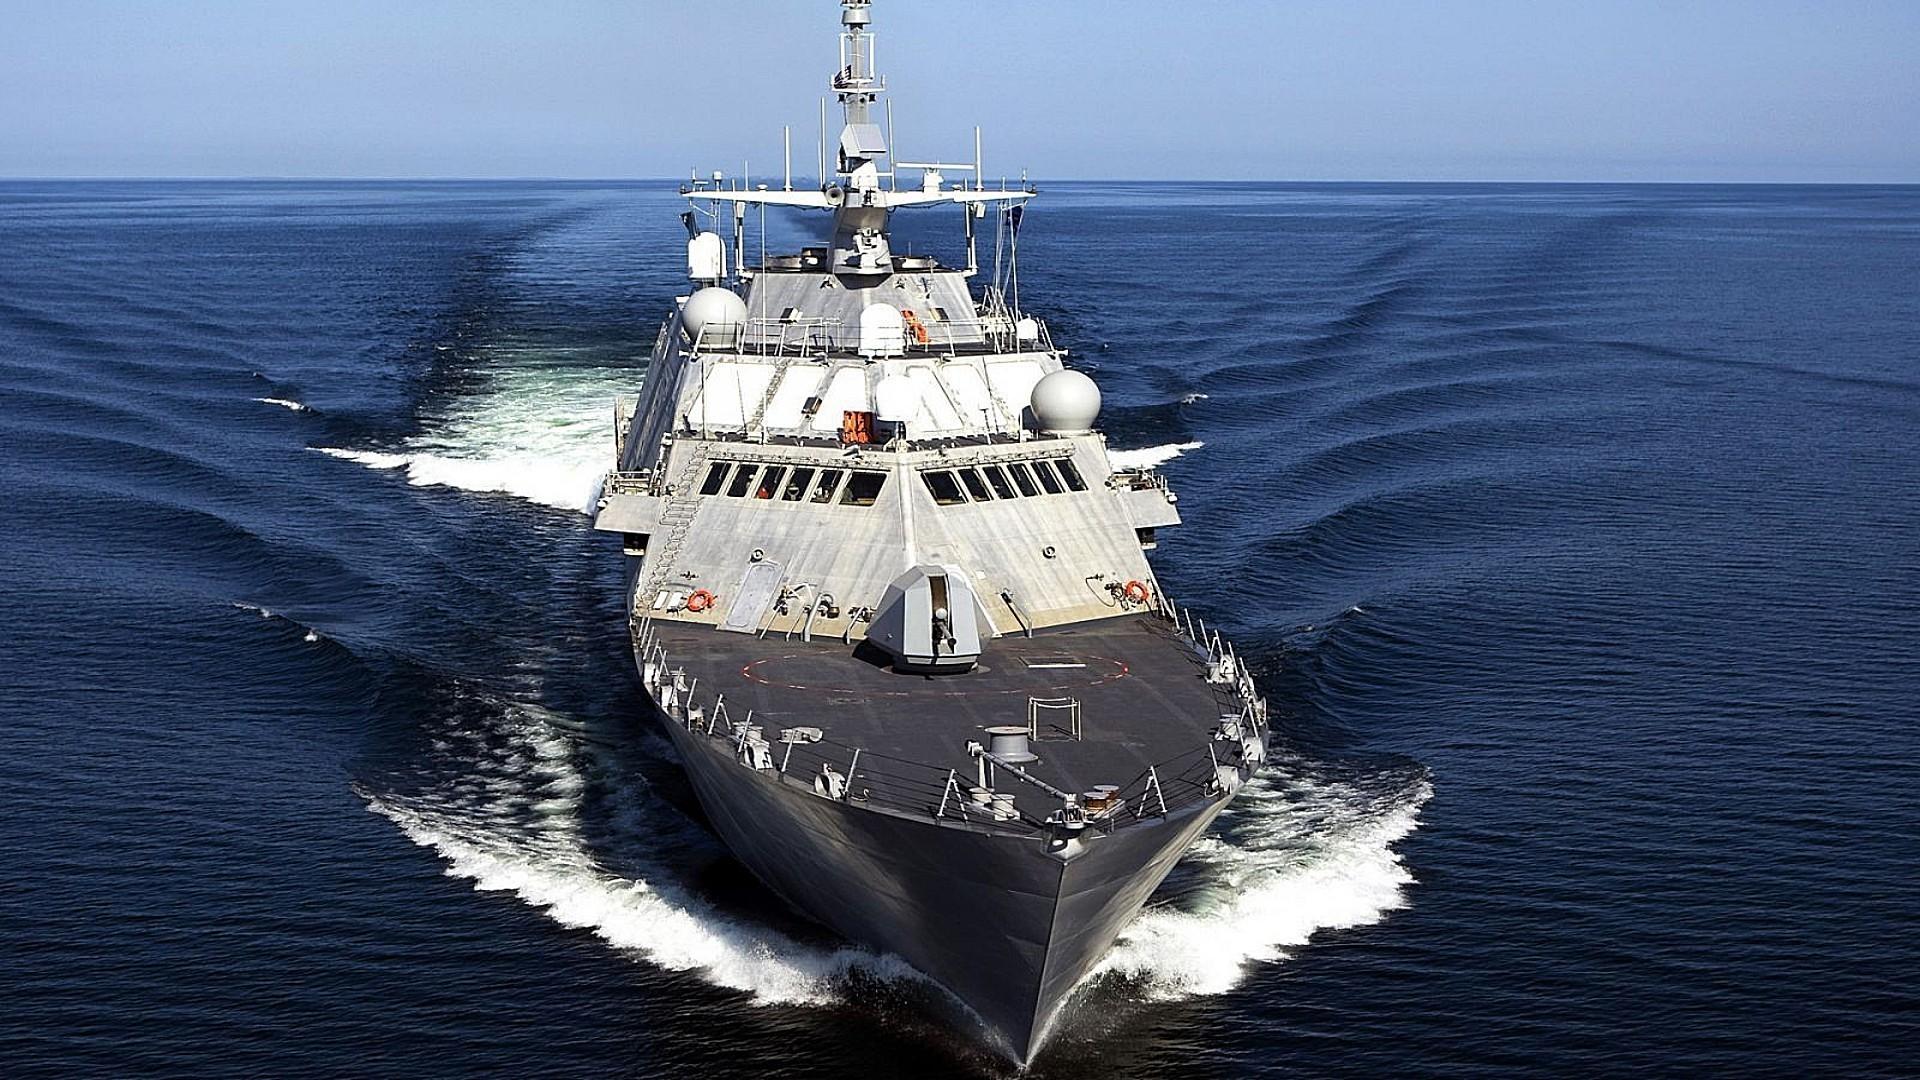 Картинки военных кораблей, безопасность